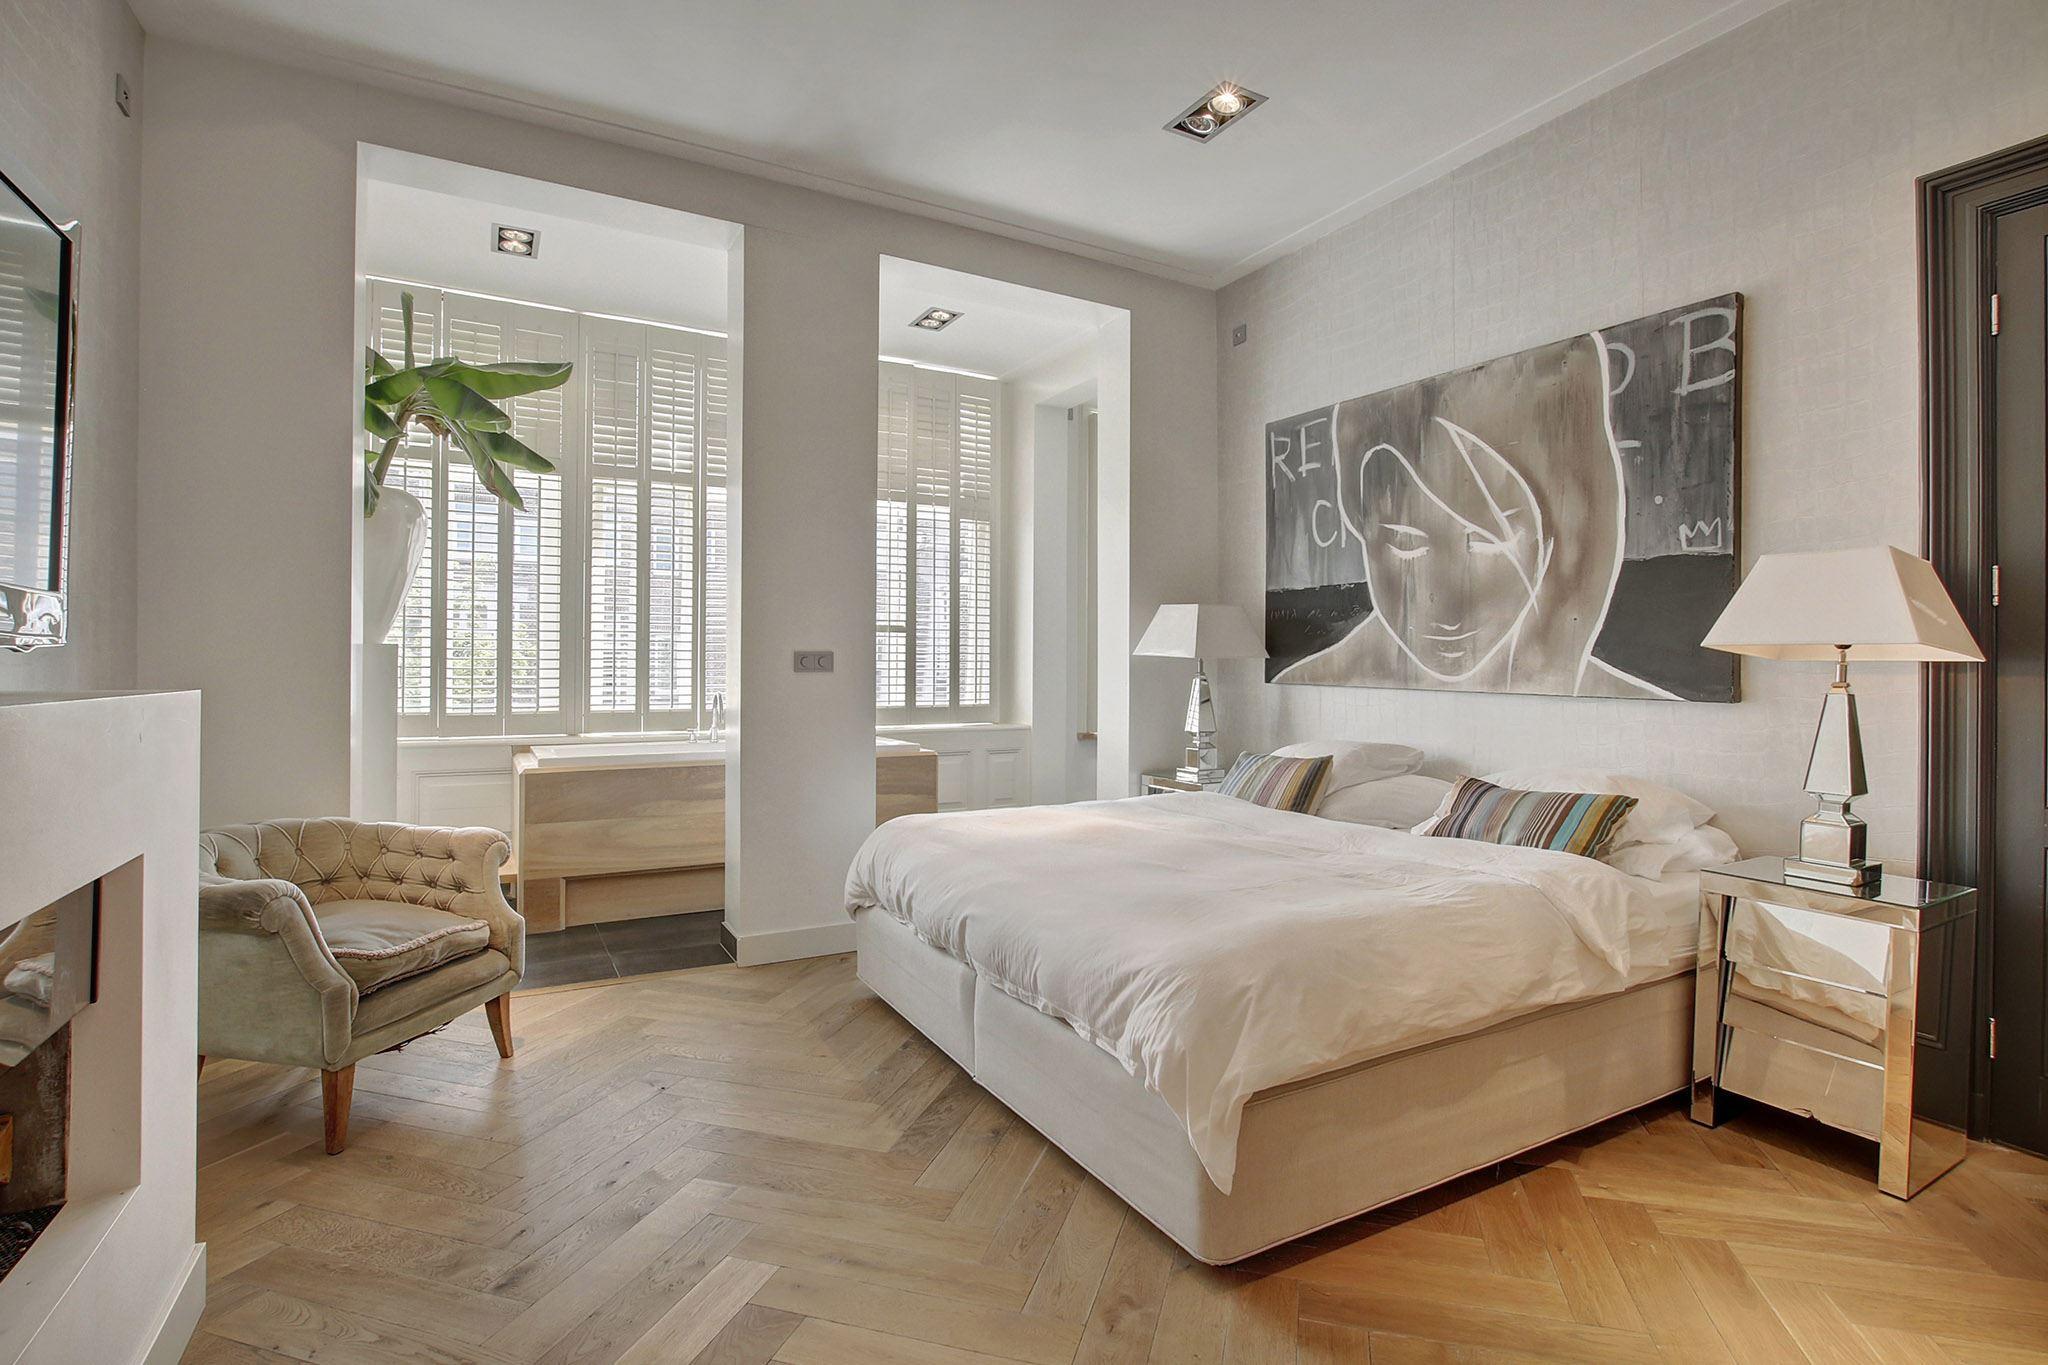 спальня колонны окно ванна кровать прикроватные тумбы лампы кресло камин телевизор паркет елочка